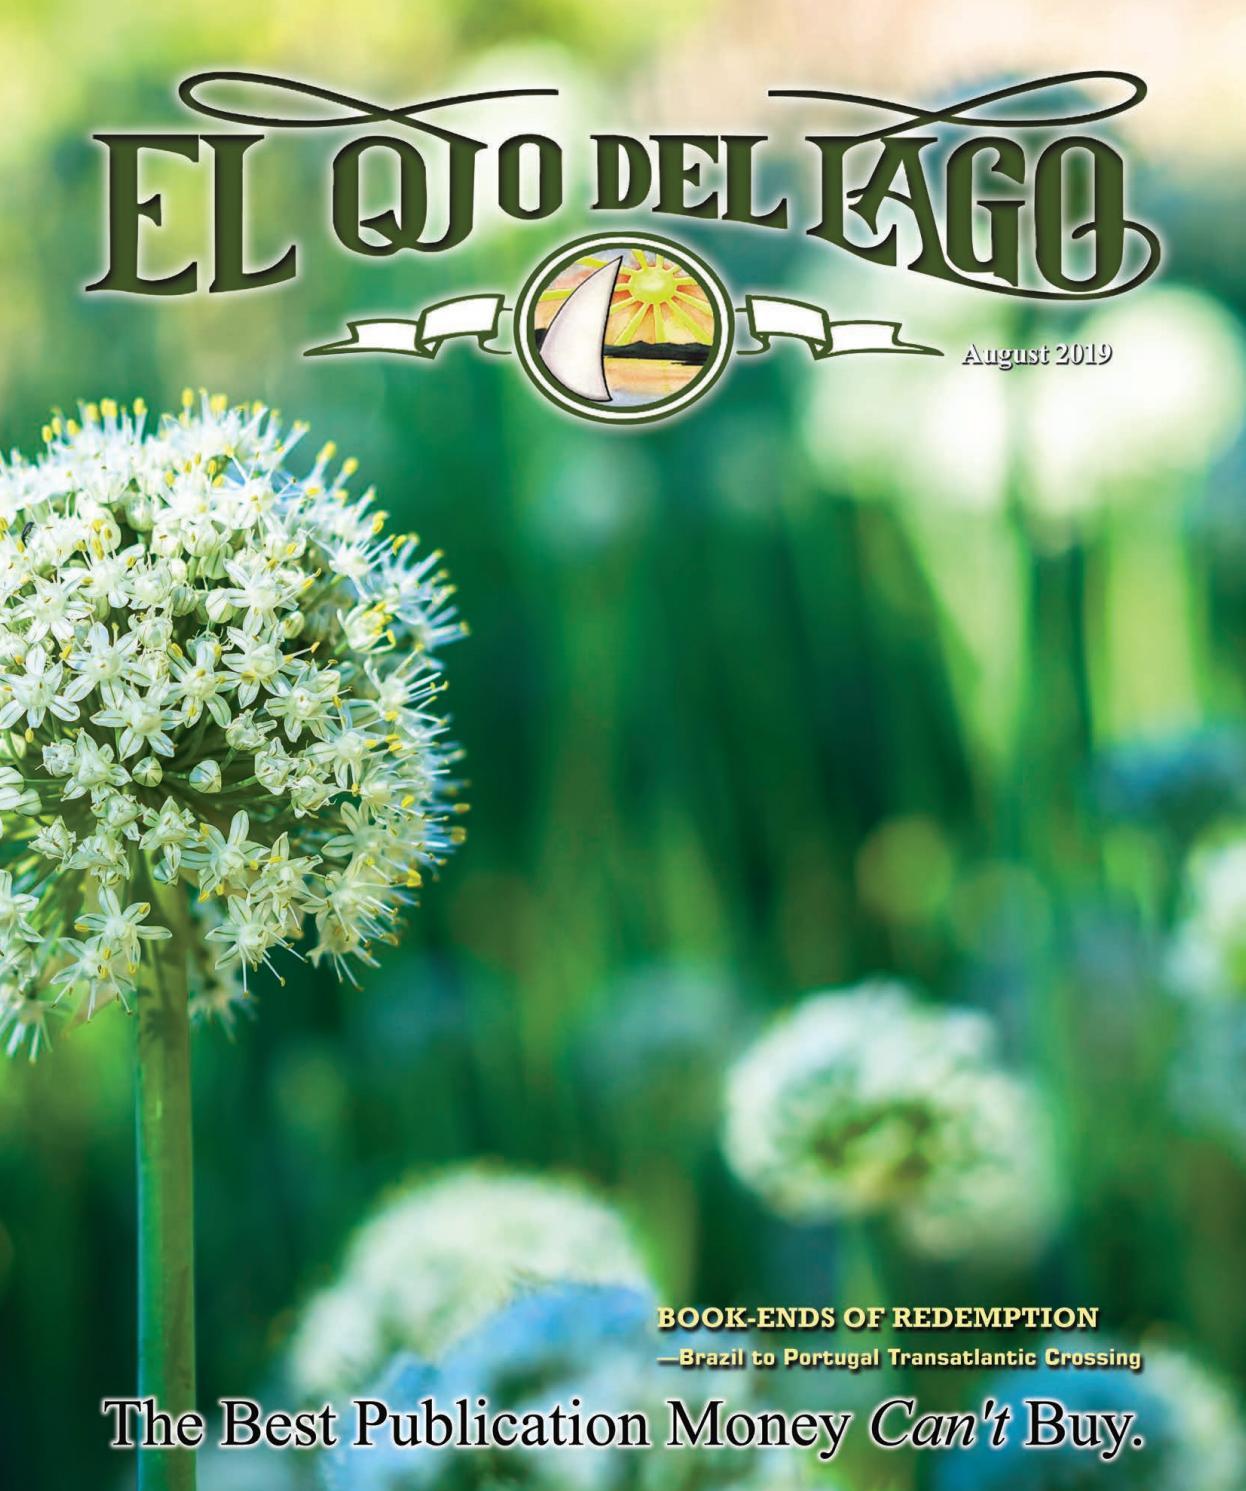 El Ojo del Lago - August 2019 by El Ojo del Lago - issuu